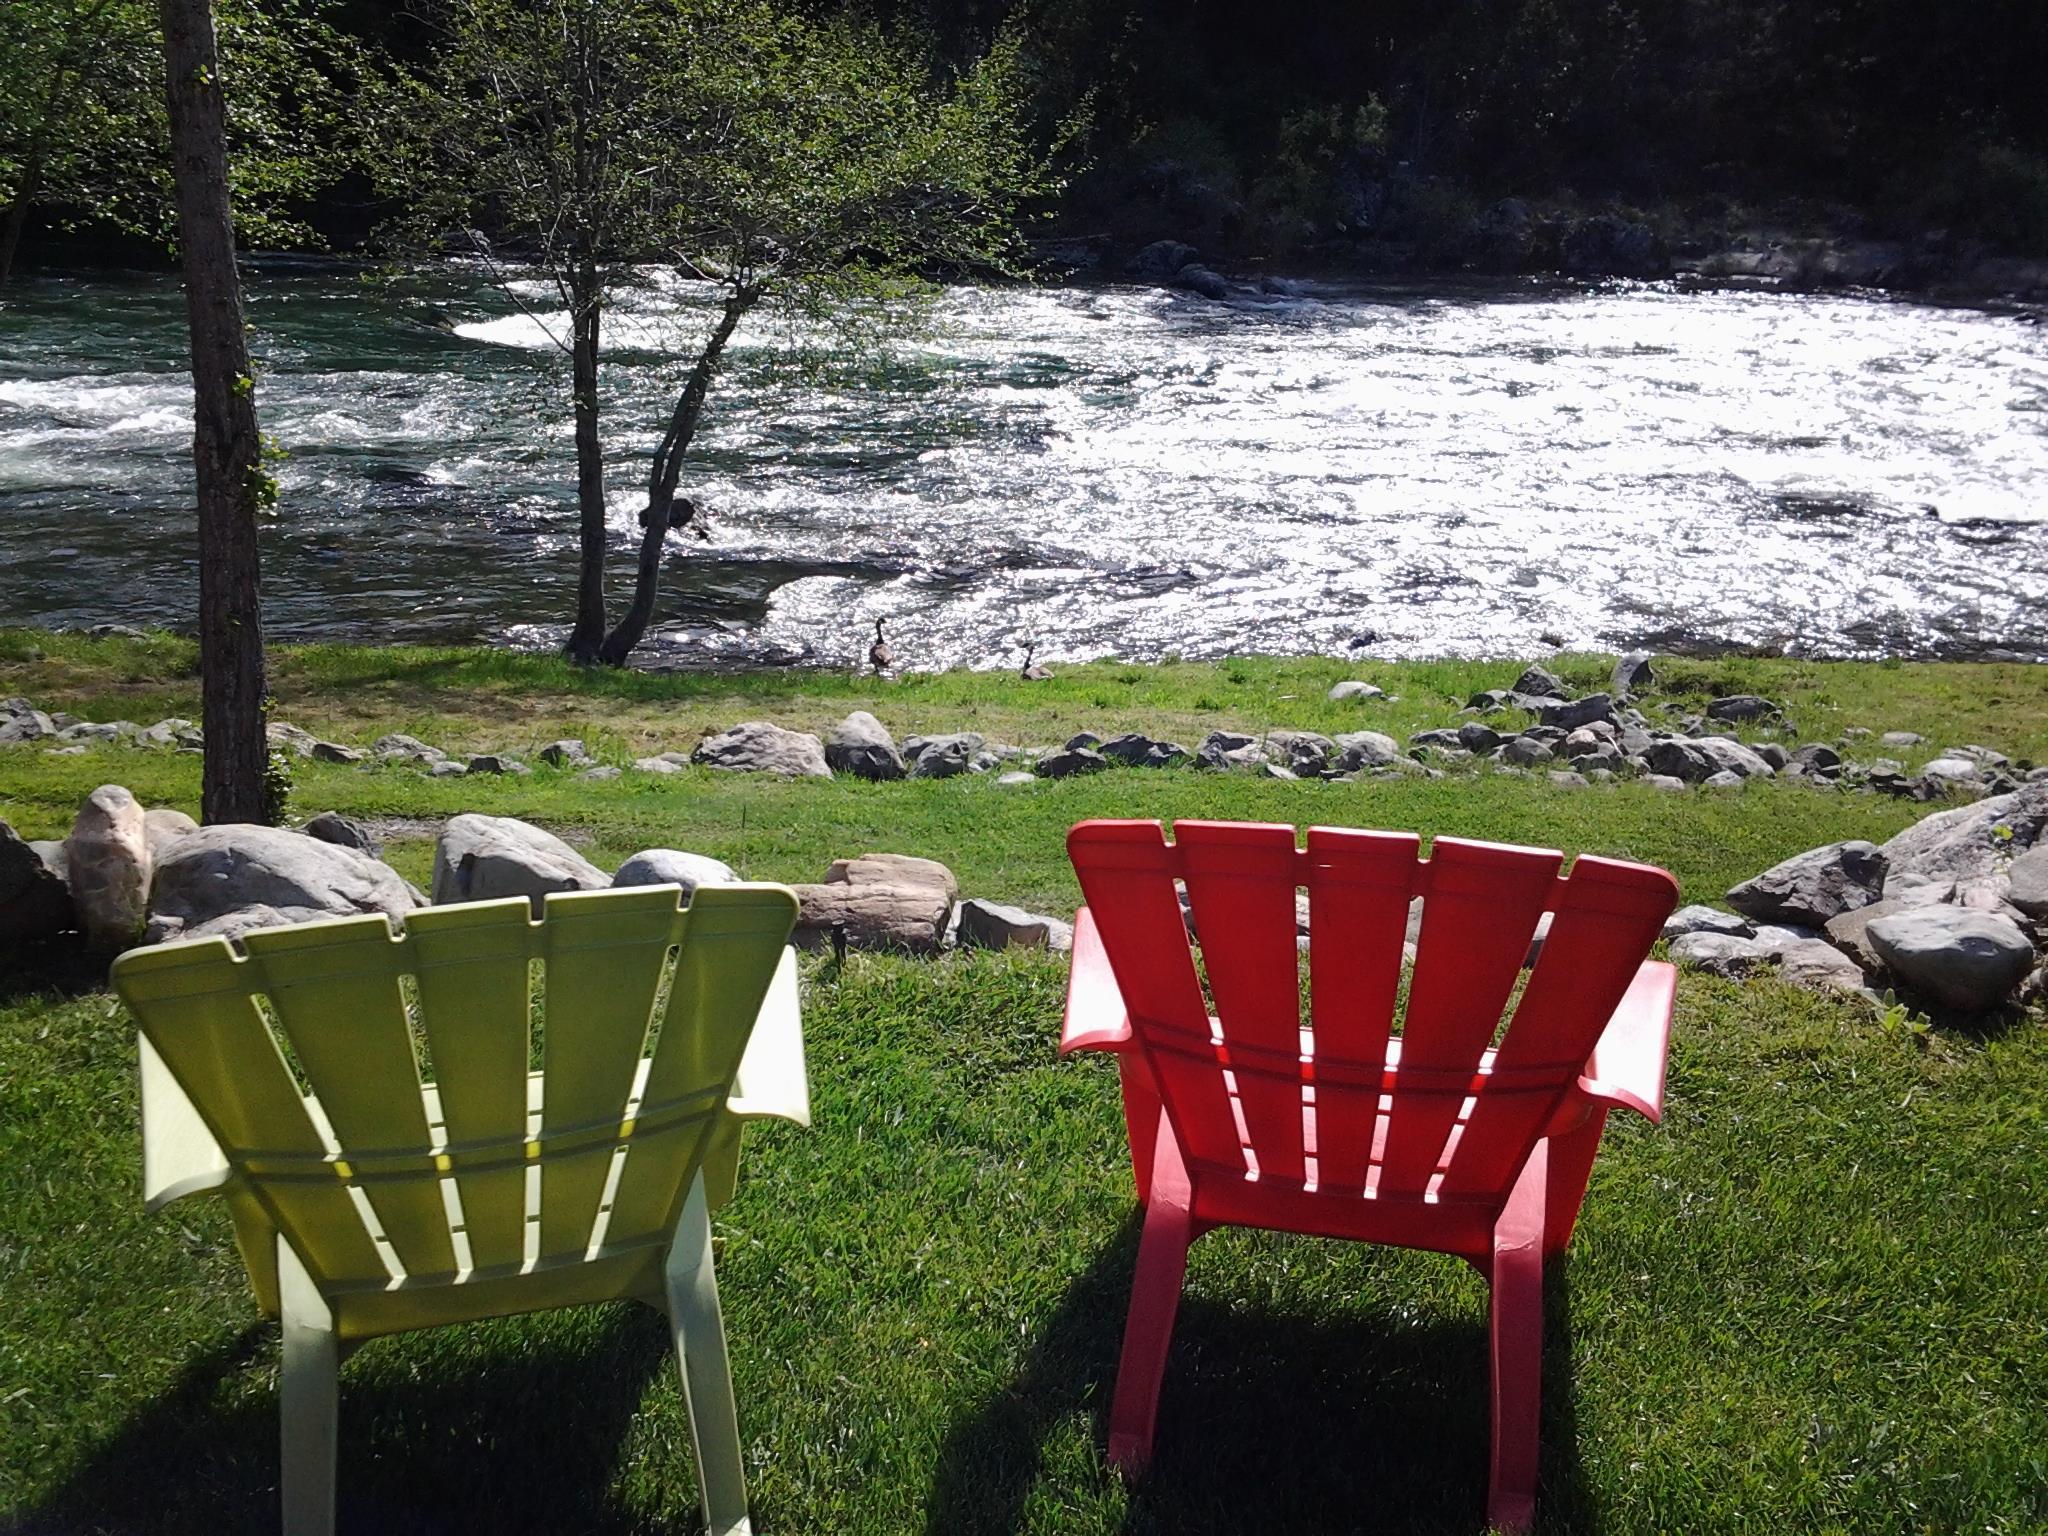 geese-at-river-april-2016